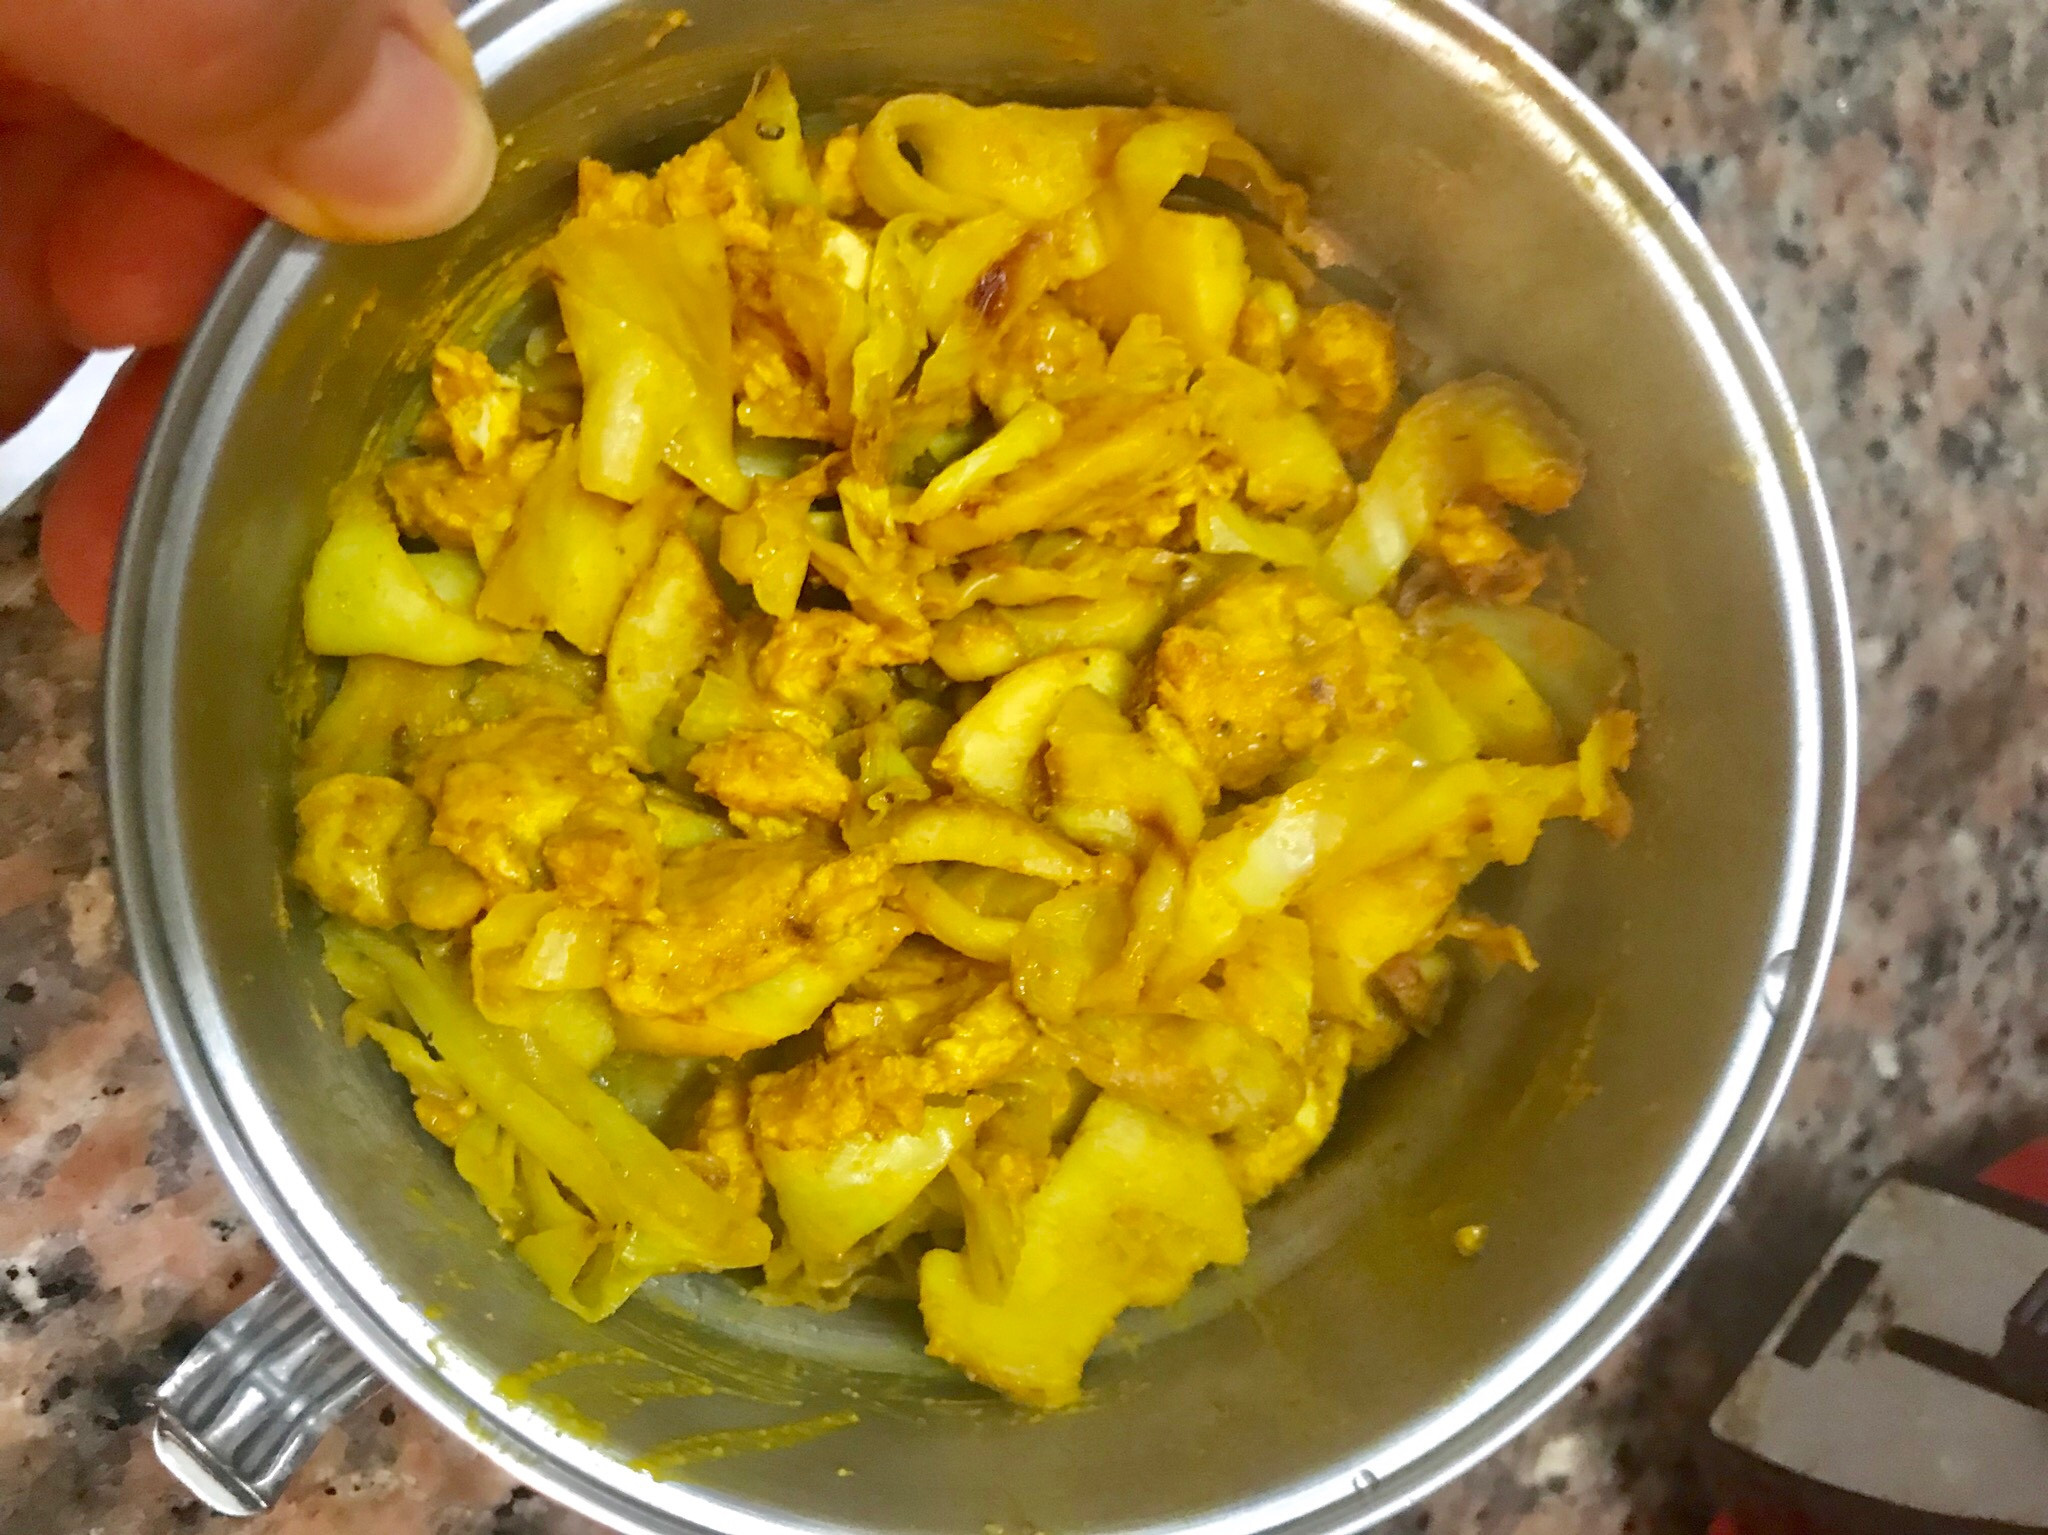 無糖油鹽-低卡!印度咖喱雞肉(福樂優格)